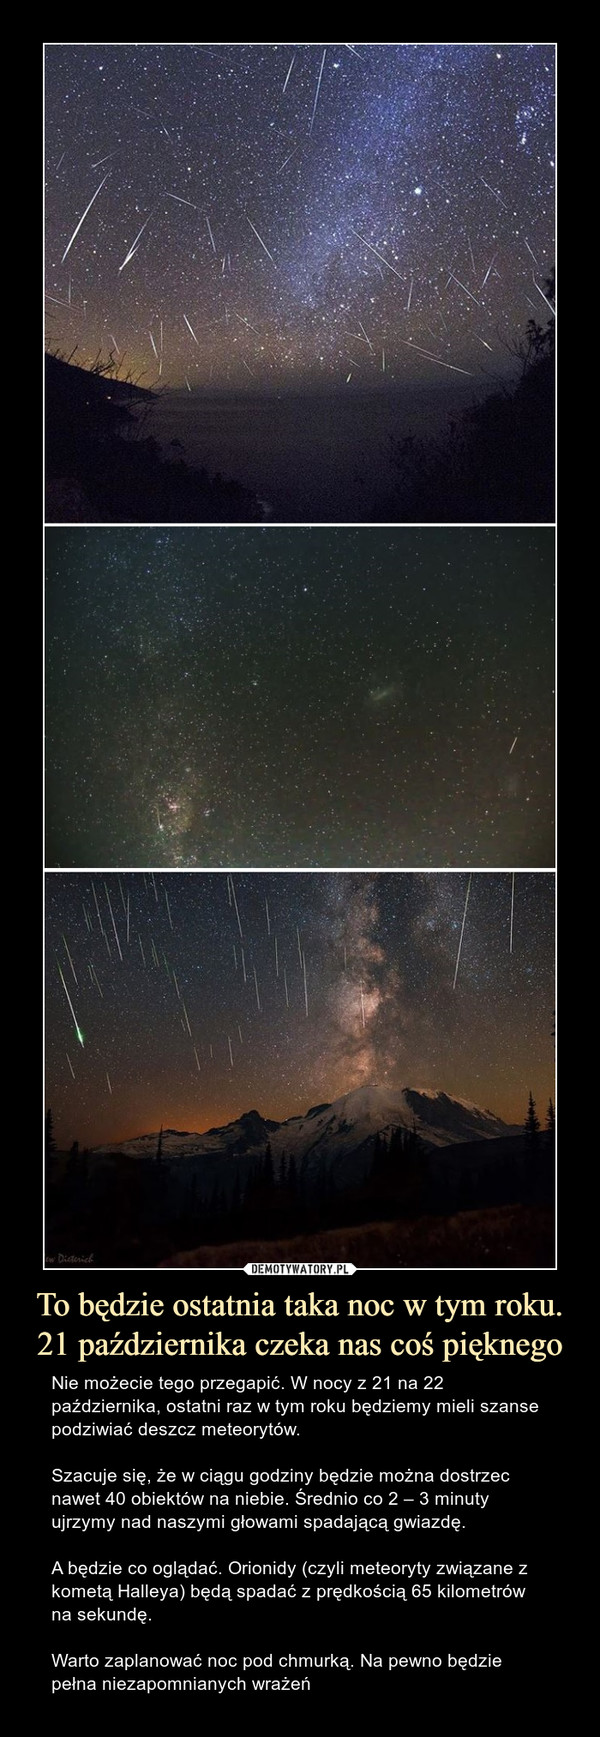 To będzie ostatnia taka noc w tym roku.21 października czeka nas coś pięknego – Nie możecie tego przegapić. W nocy z 21 na 22 października, ostatni raz w tym roku będziemy mieli szanse podziwiać deszcz meteorytów.Szacuje się, że w ciągu godziny będzie można dostrzec nawet 40 obiektów na niebie. Średnio co 2 – 3 minuty ujrzymy nad naszymi głowami spadającą gwiazdę.A będzie co oglądać. Orionidy (czyli meteoryty związane z kometą Halleya) będą spadać z prędkością 65 kilometrów na sekundę.Warto zaplanować noc pod chmurką. Na pewno będzie pełna niezapomnianych wrażeń